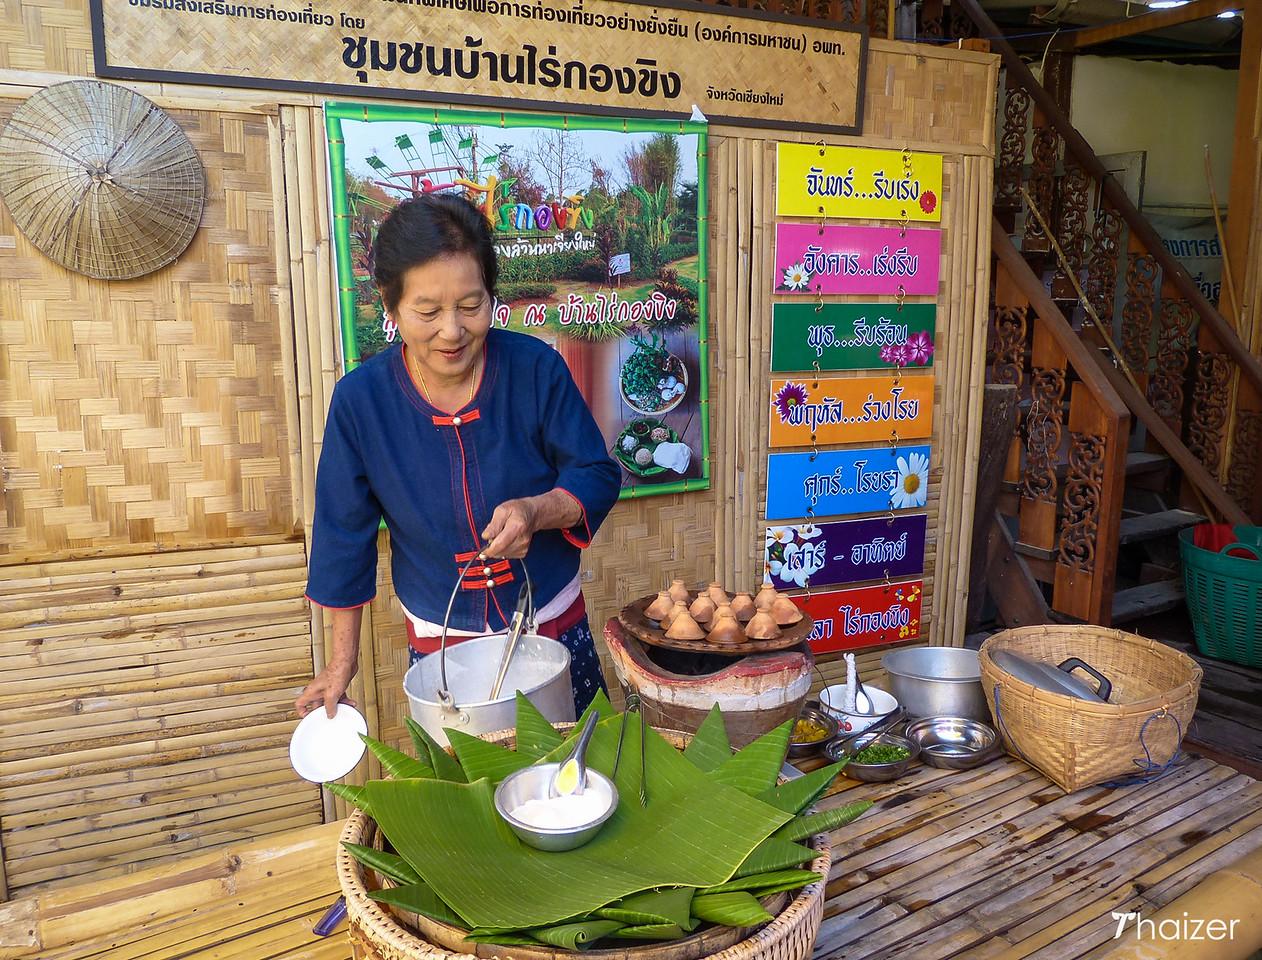 preparing local food at Ban Rai Kong Khing